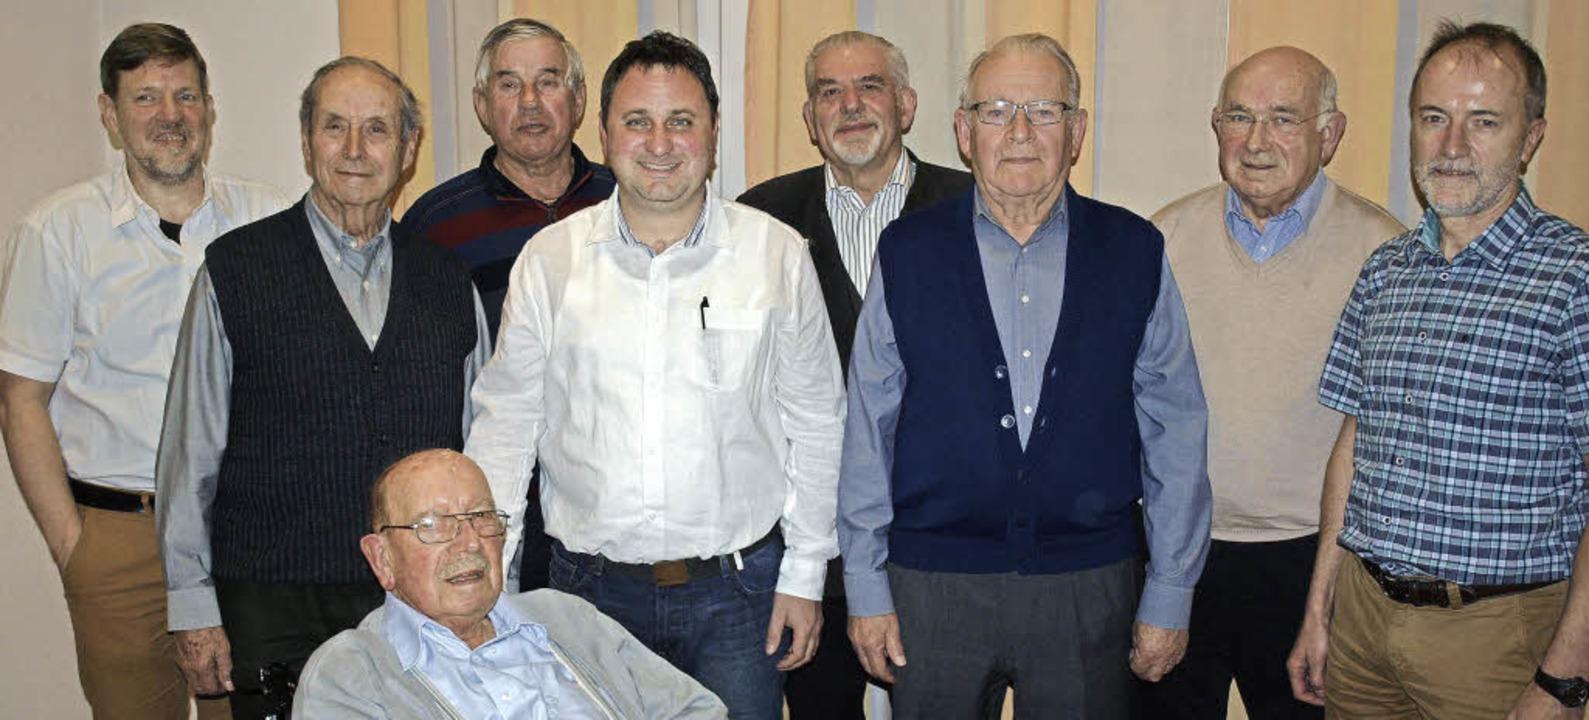 Beim Gesangverein Tumringen ehrten Vor...terer (rechts) zahlreiche Mitglieder.   | Foto: Paul Schleer